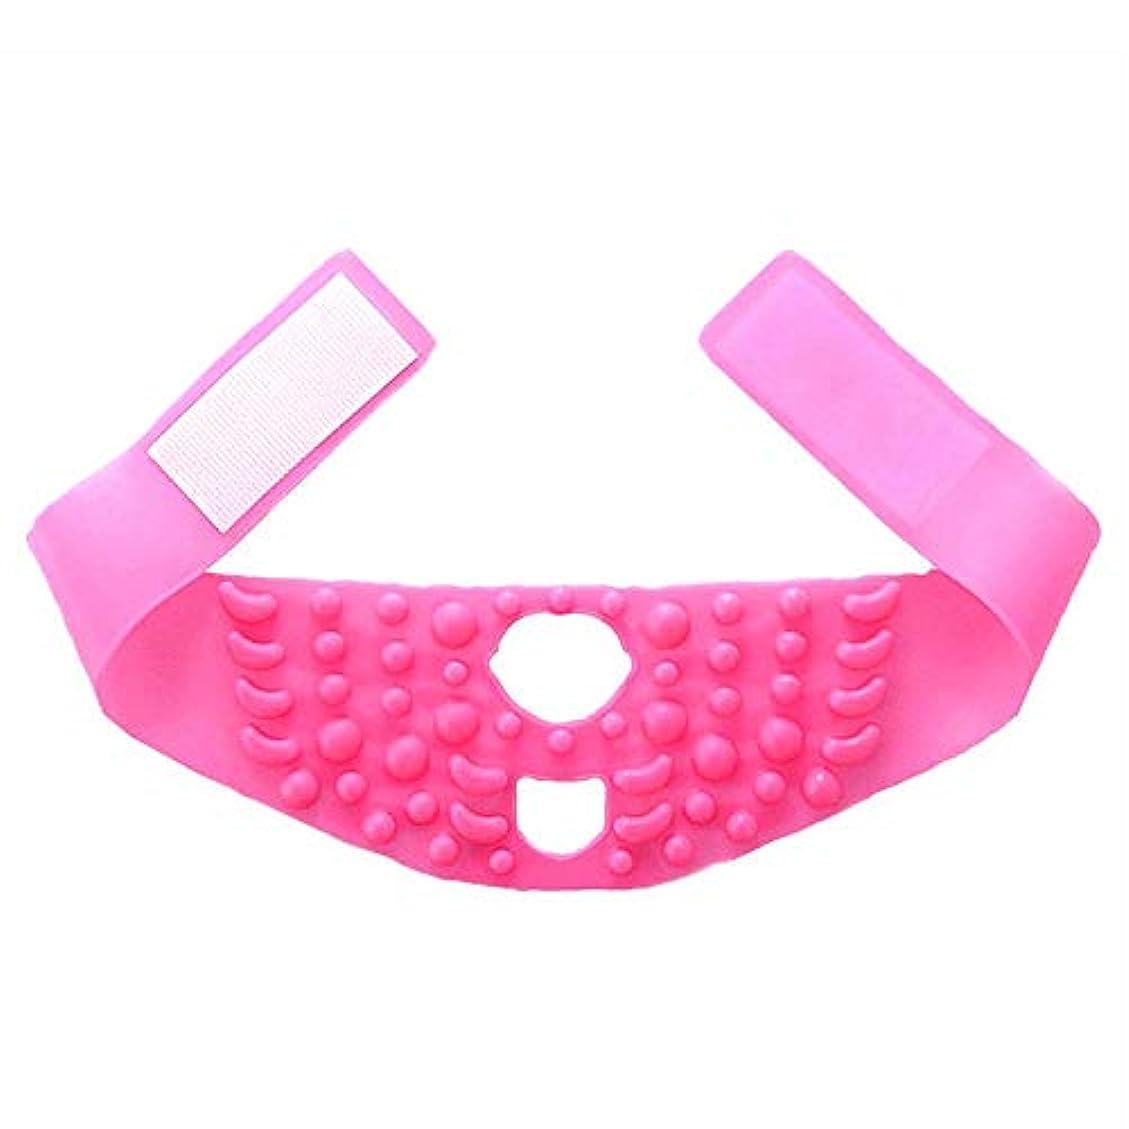 これまで船員うつJia Jia- シンフェイスマスクシリコーンマッサージ引き締まった形の小さなVフェイスリフティングに薄いフェイスアーティファクト包帯を飾る - ピンク 顔面包帯